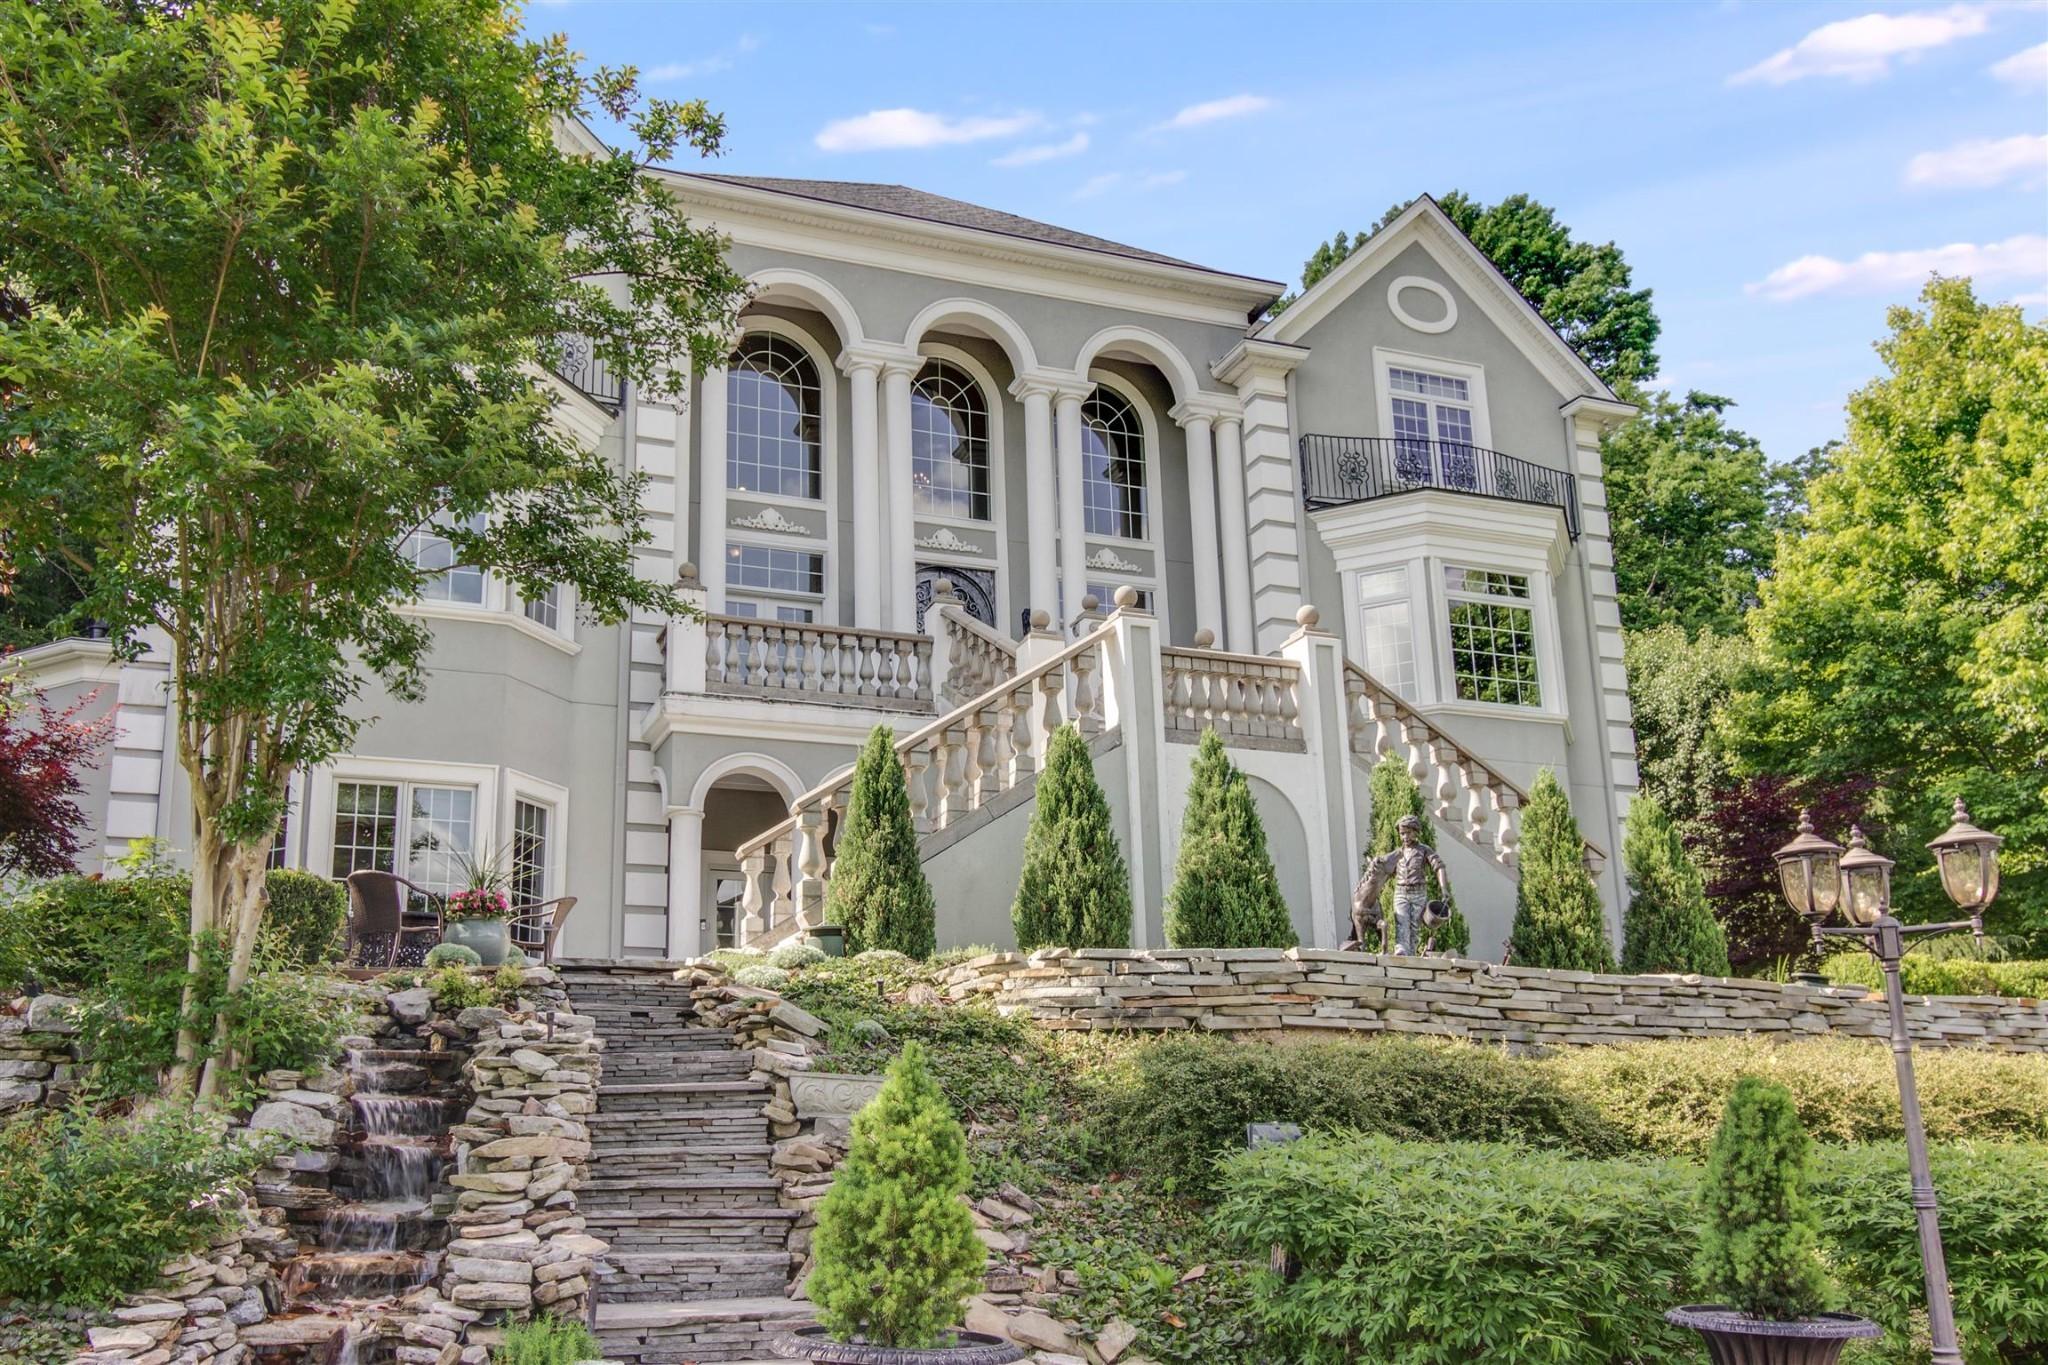 2040 Lynnwood Dr, Franklin, TN 37069 - Franklin, TN real estate listing